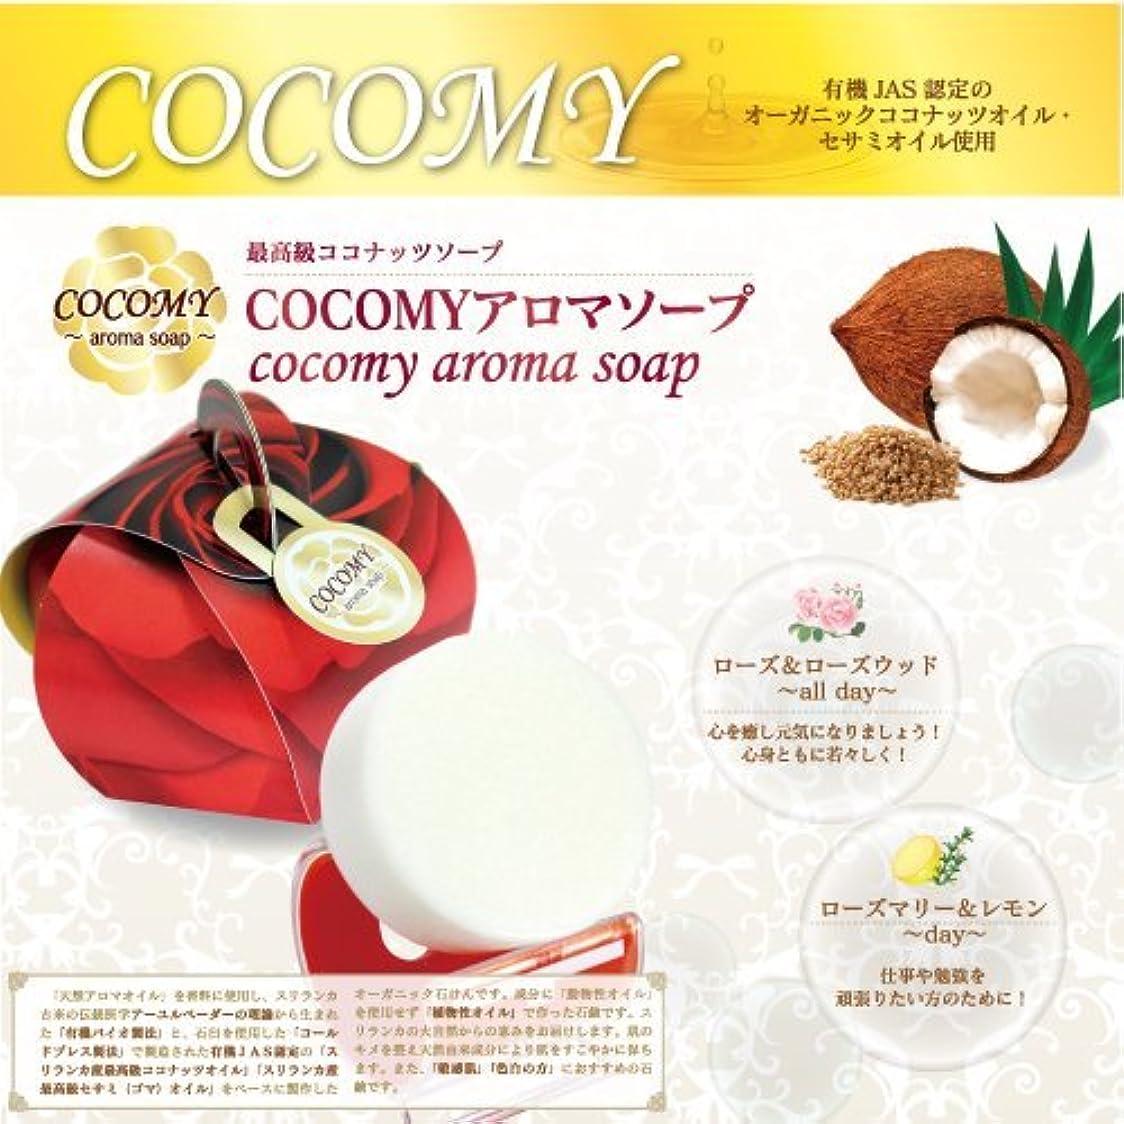 禁止する法令チチカカ湖COCOMY aromaソープ 2個セット (ローズマリー&レモン)(ローズ&ローズウッド) 40g×各1